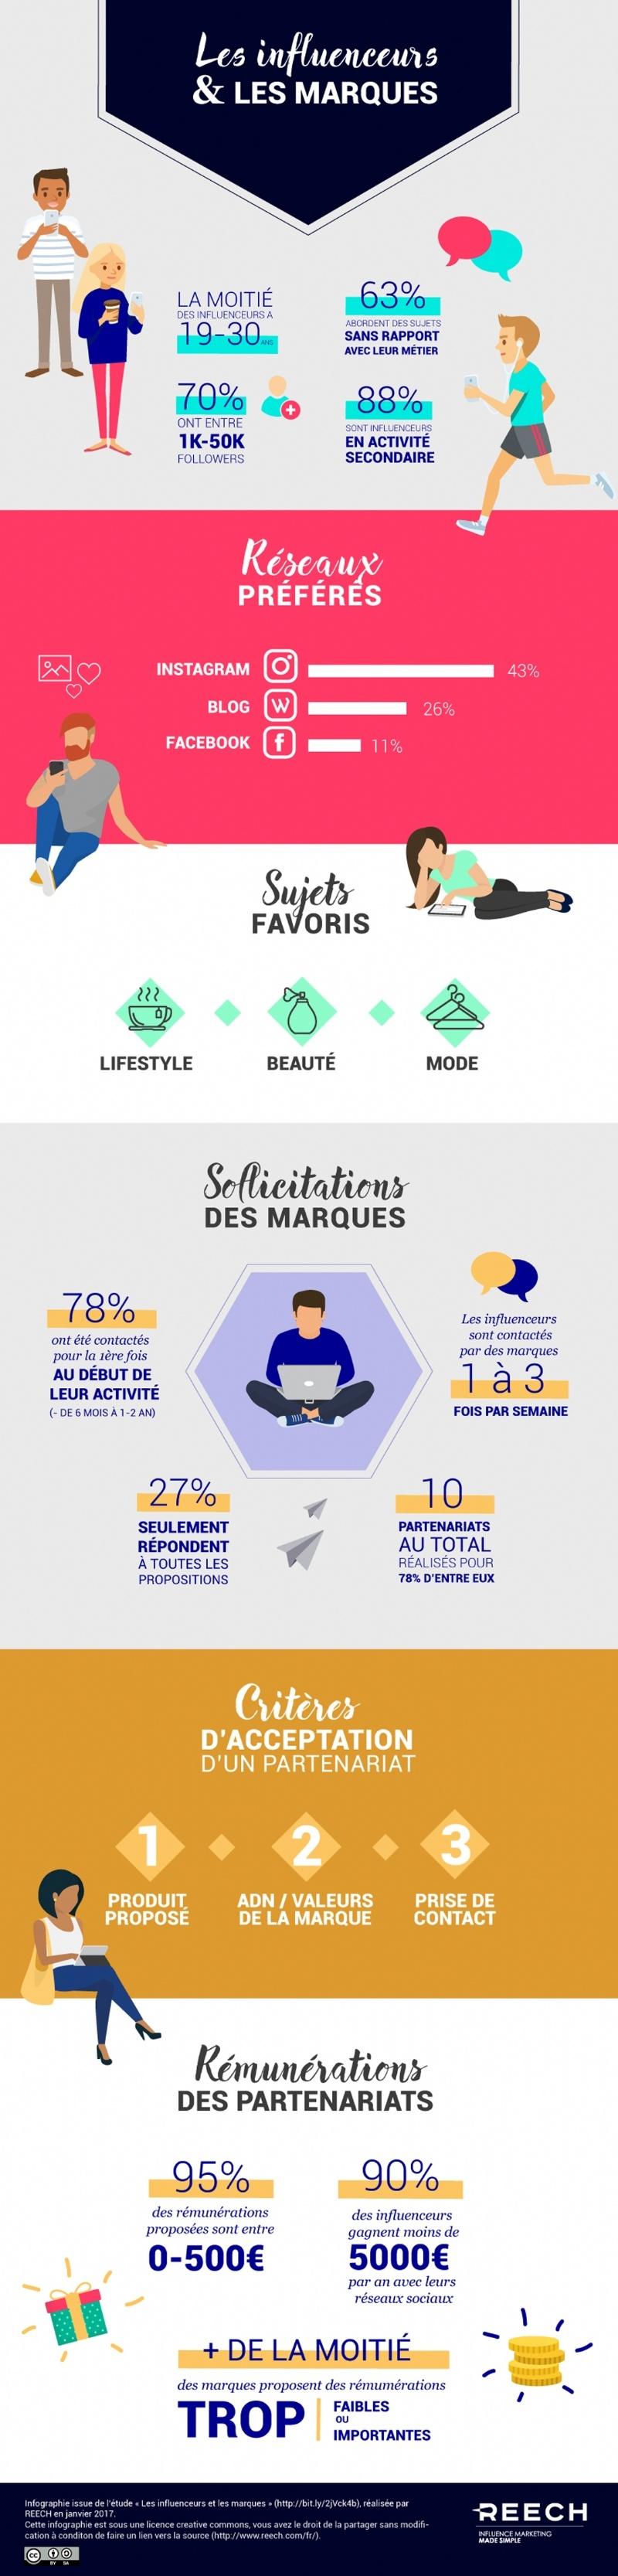 infographie reech